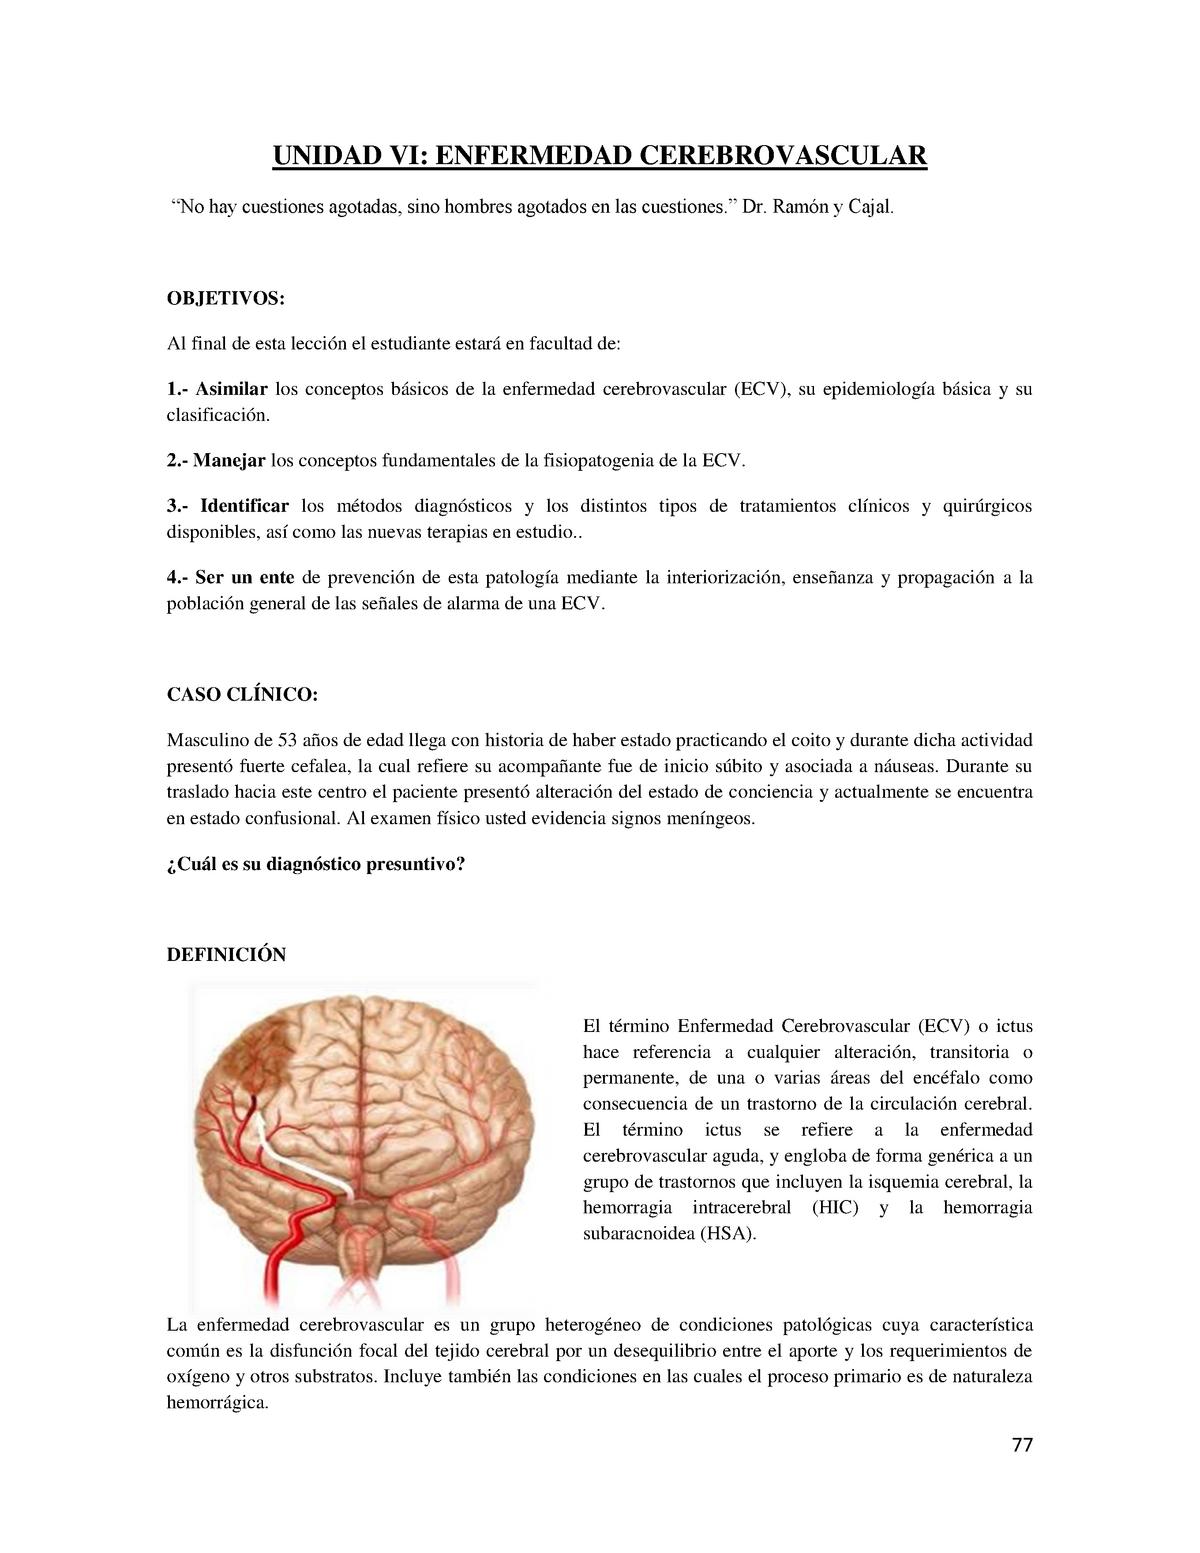 enfermedad de isquemia cerebral